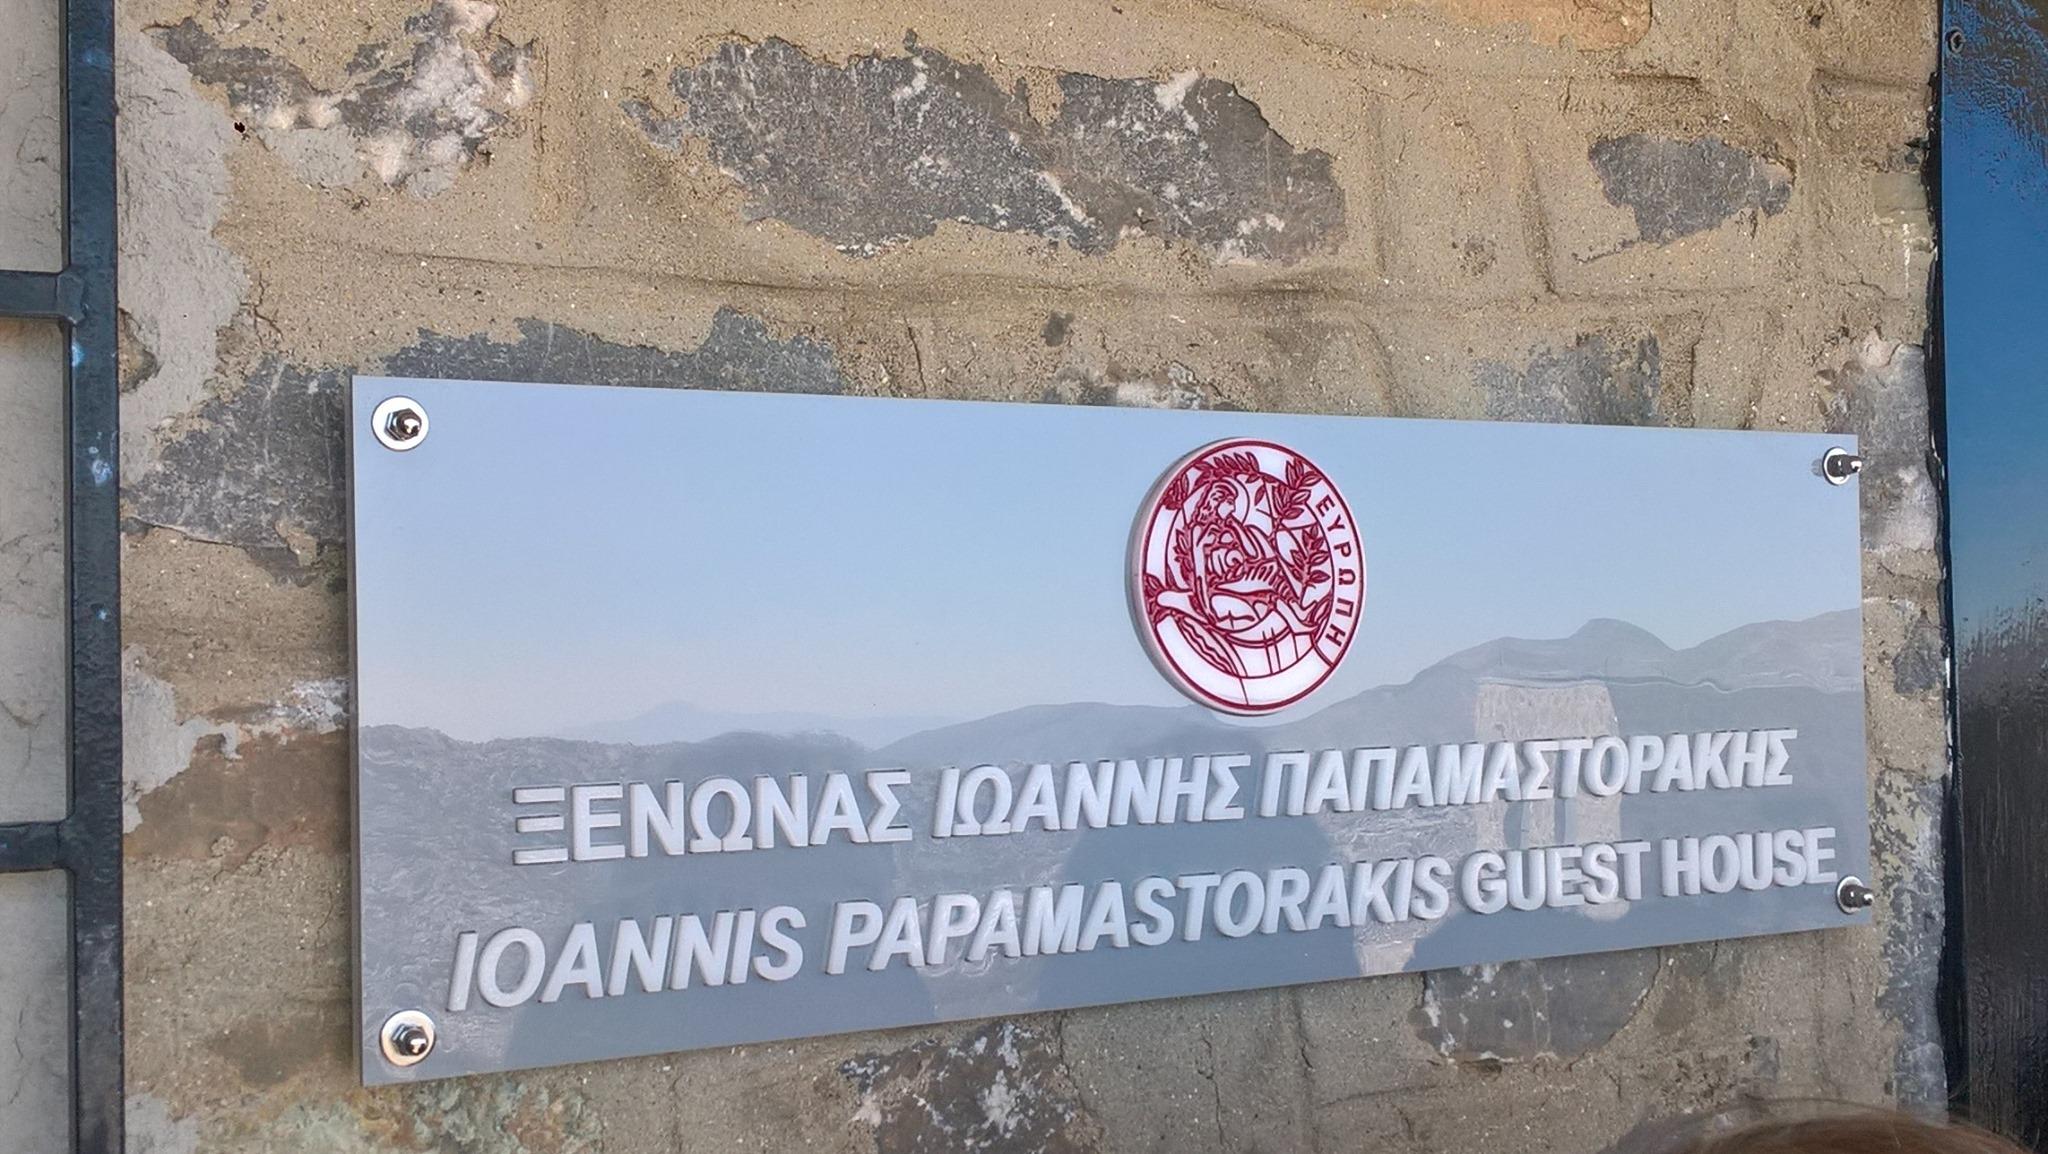 Ομοματοδοσία ξενώνα Αστεροσκοπείου Σκίνακα Ιωάννης Παπαμαστοράκης